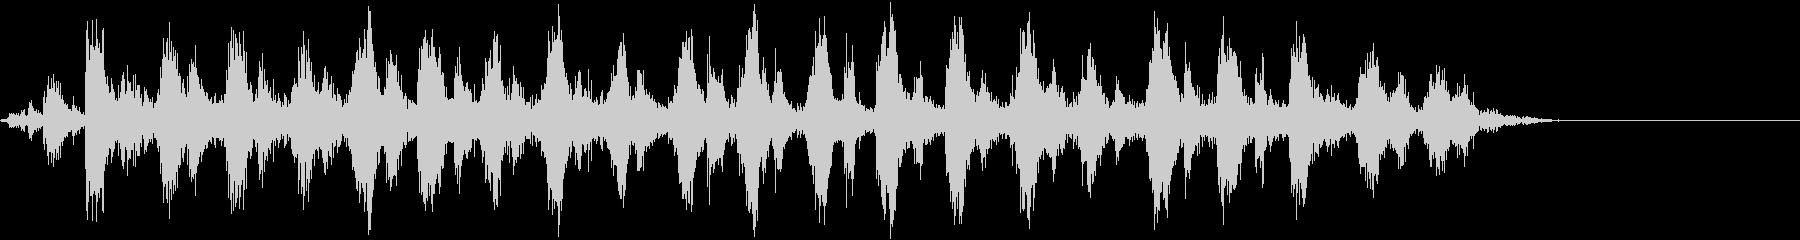 音響ギター:のこぎりの鳴き声、漫画...の未再生の波形